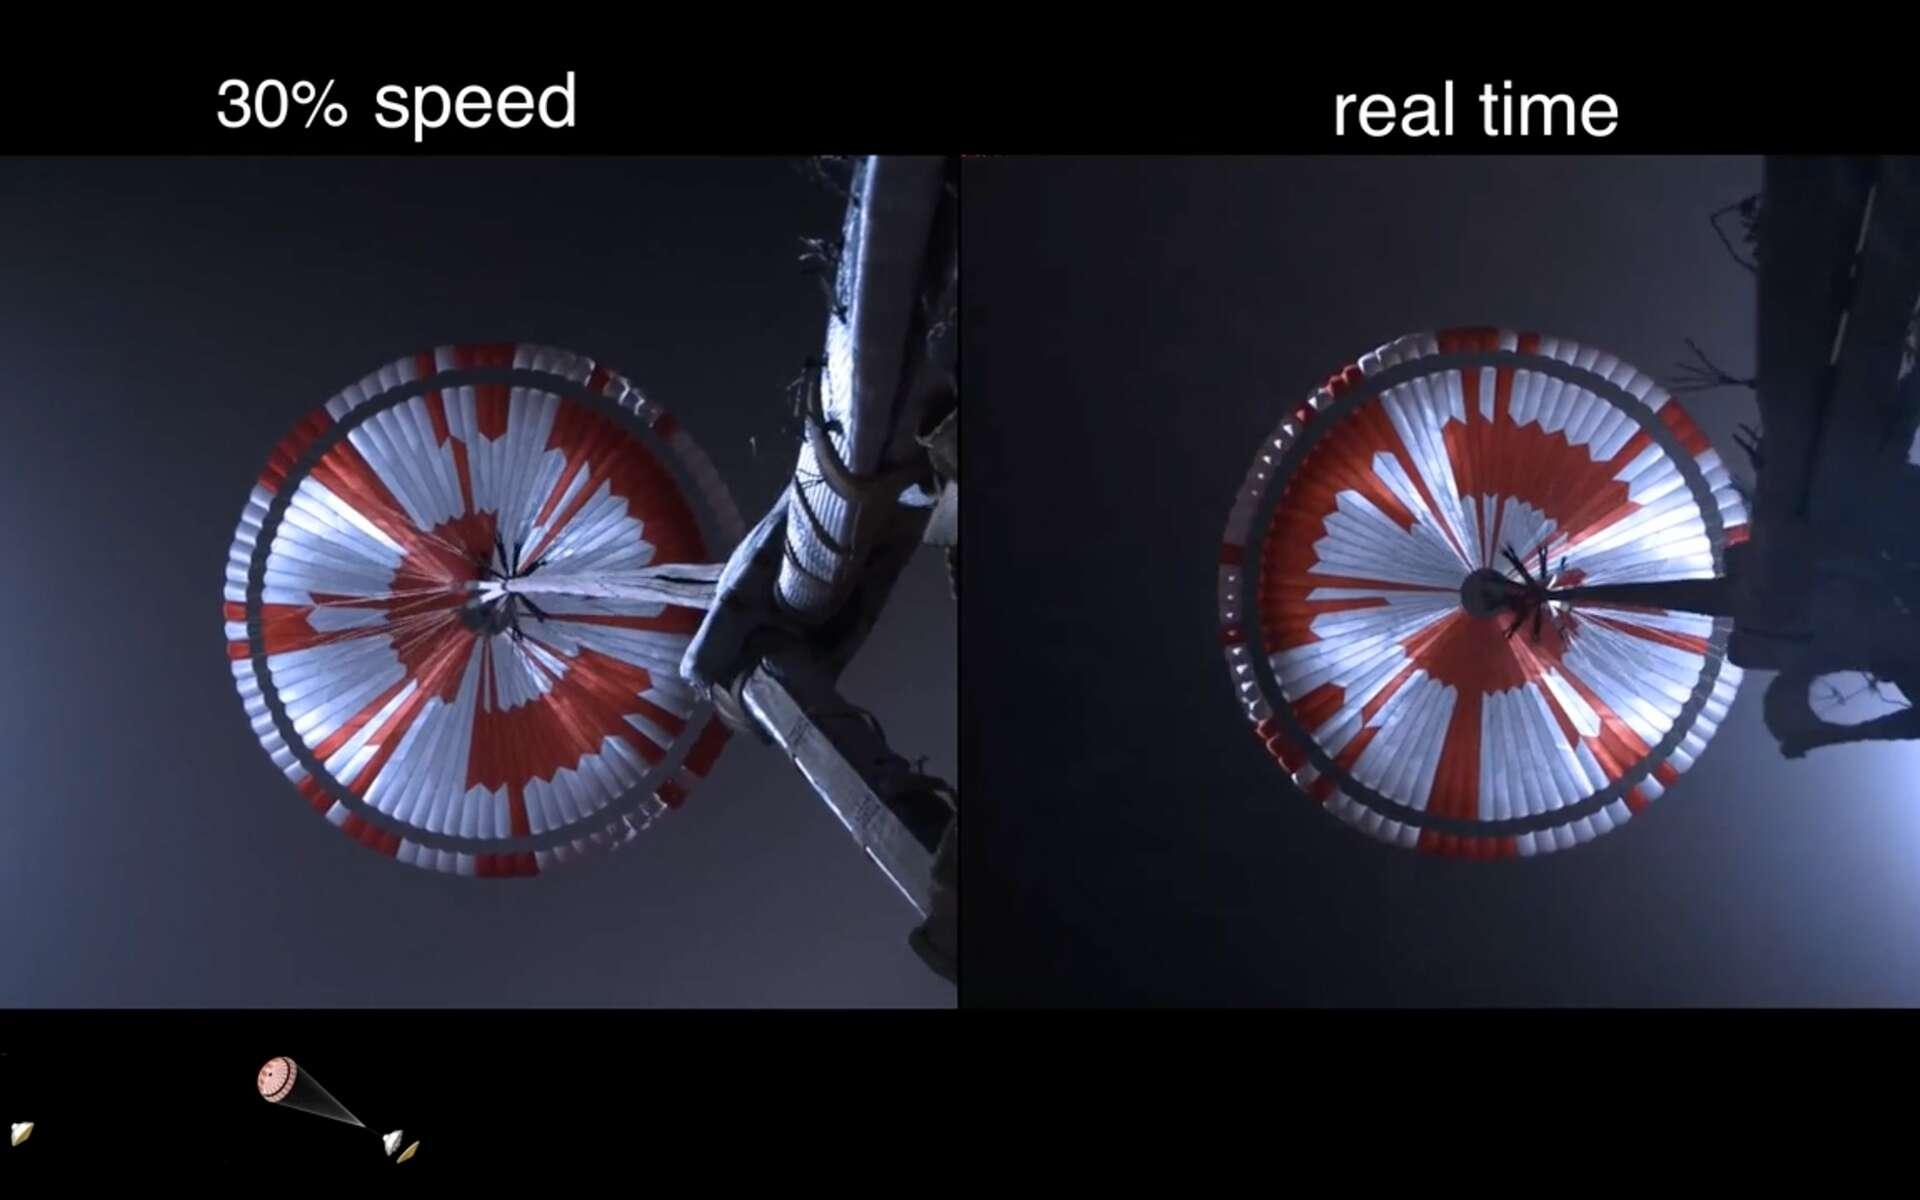 Ouverture du parachute principal de Perseverance lors de sa descente dans l'atmosphère martienne. © Nasa, YouTube